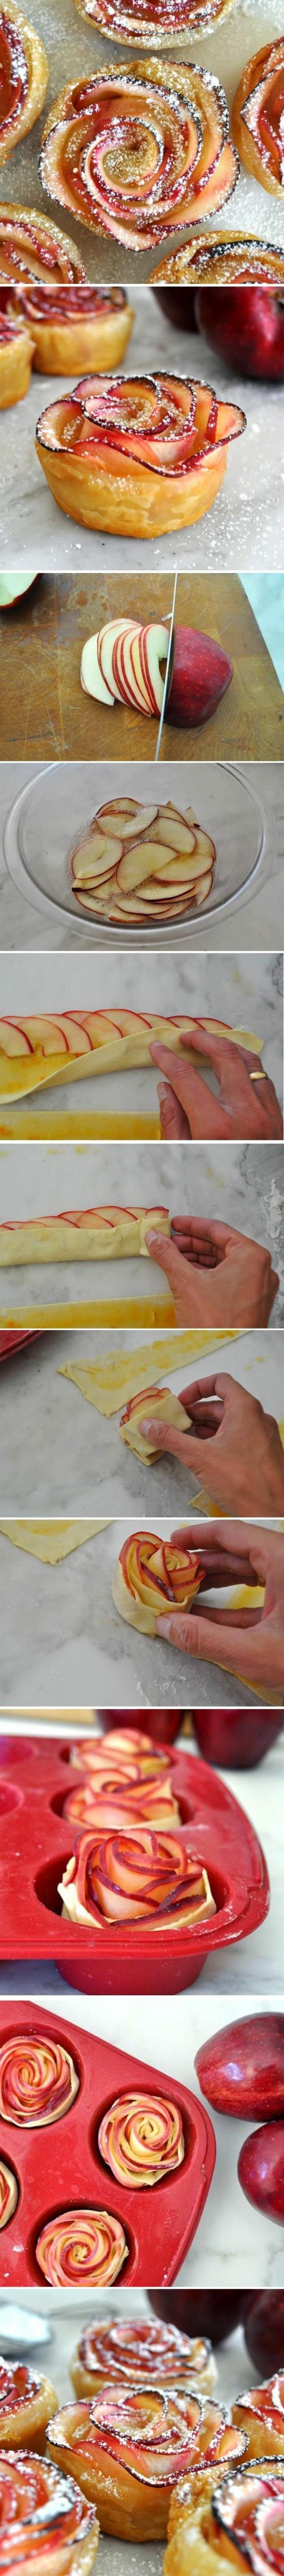 pommes-au-four-preparer-une-tarte-de-pommes-au-four